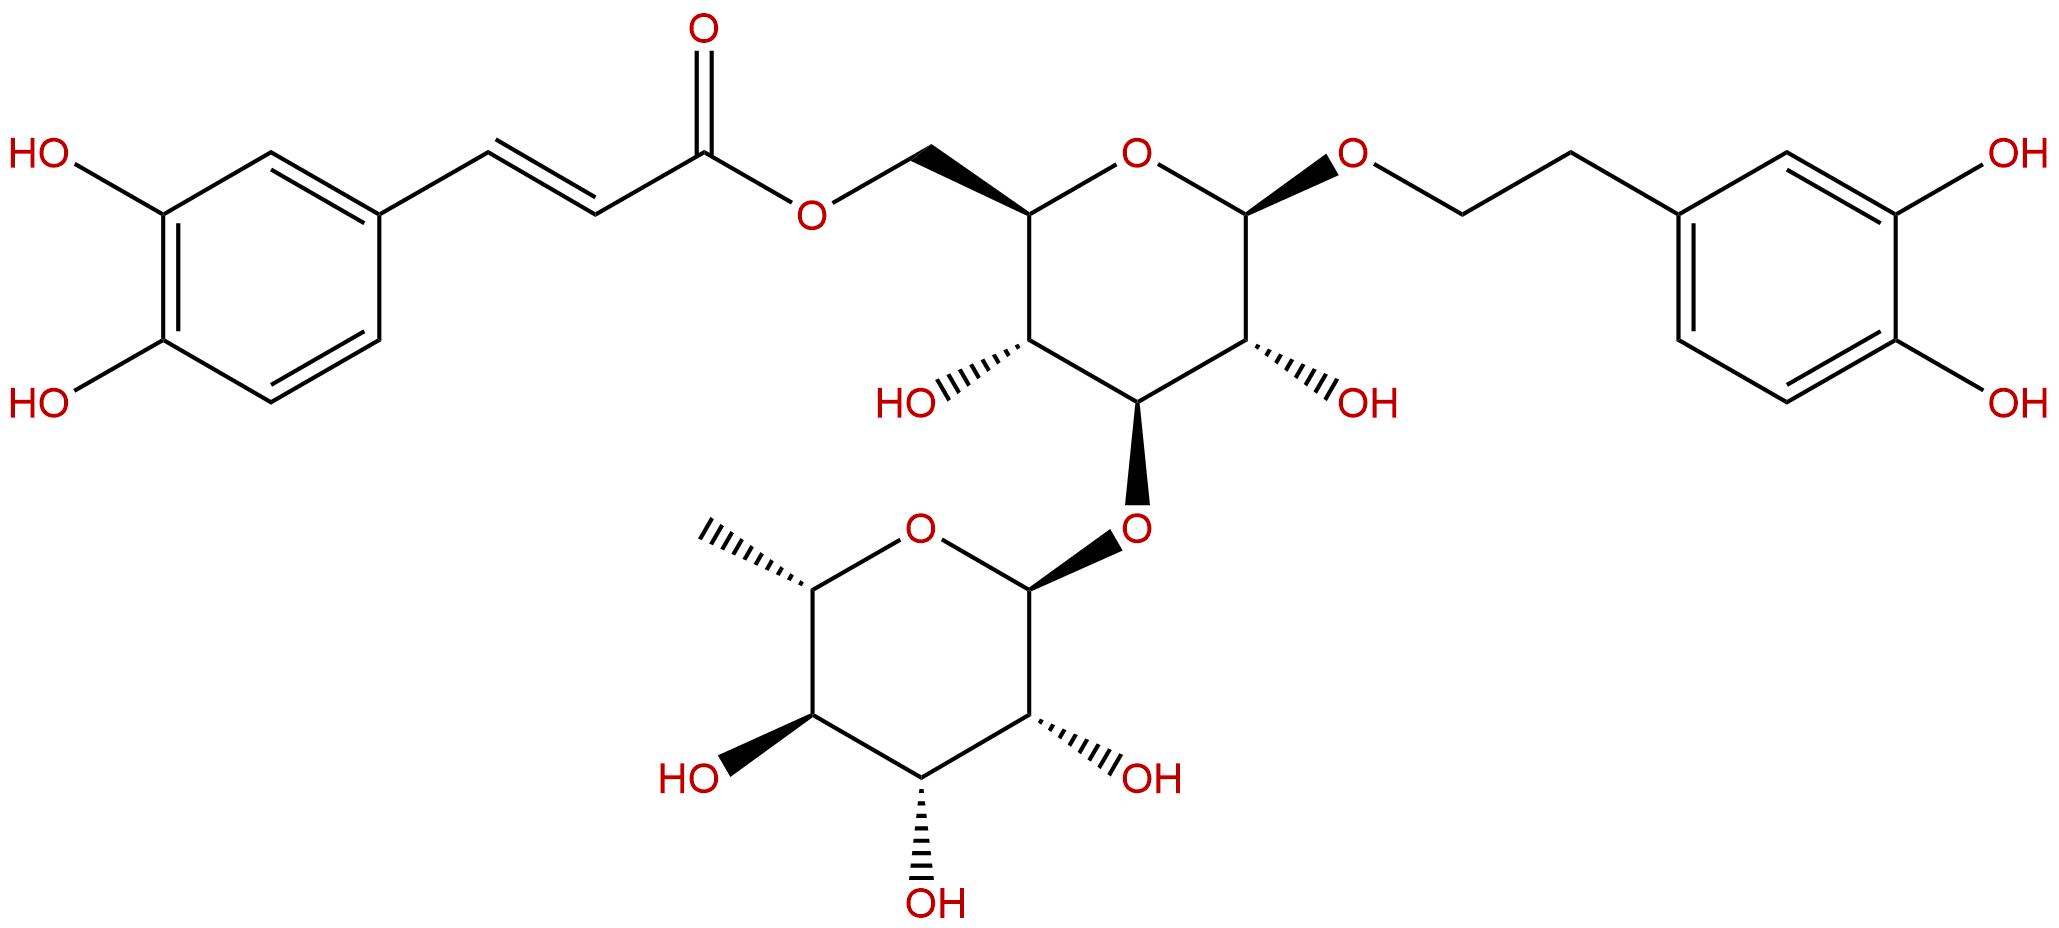 Isoacteoside